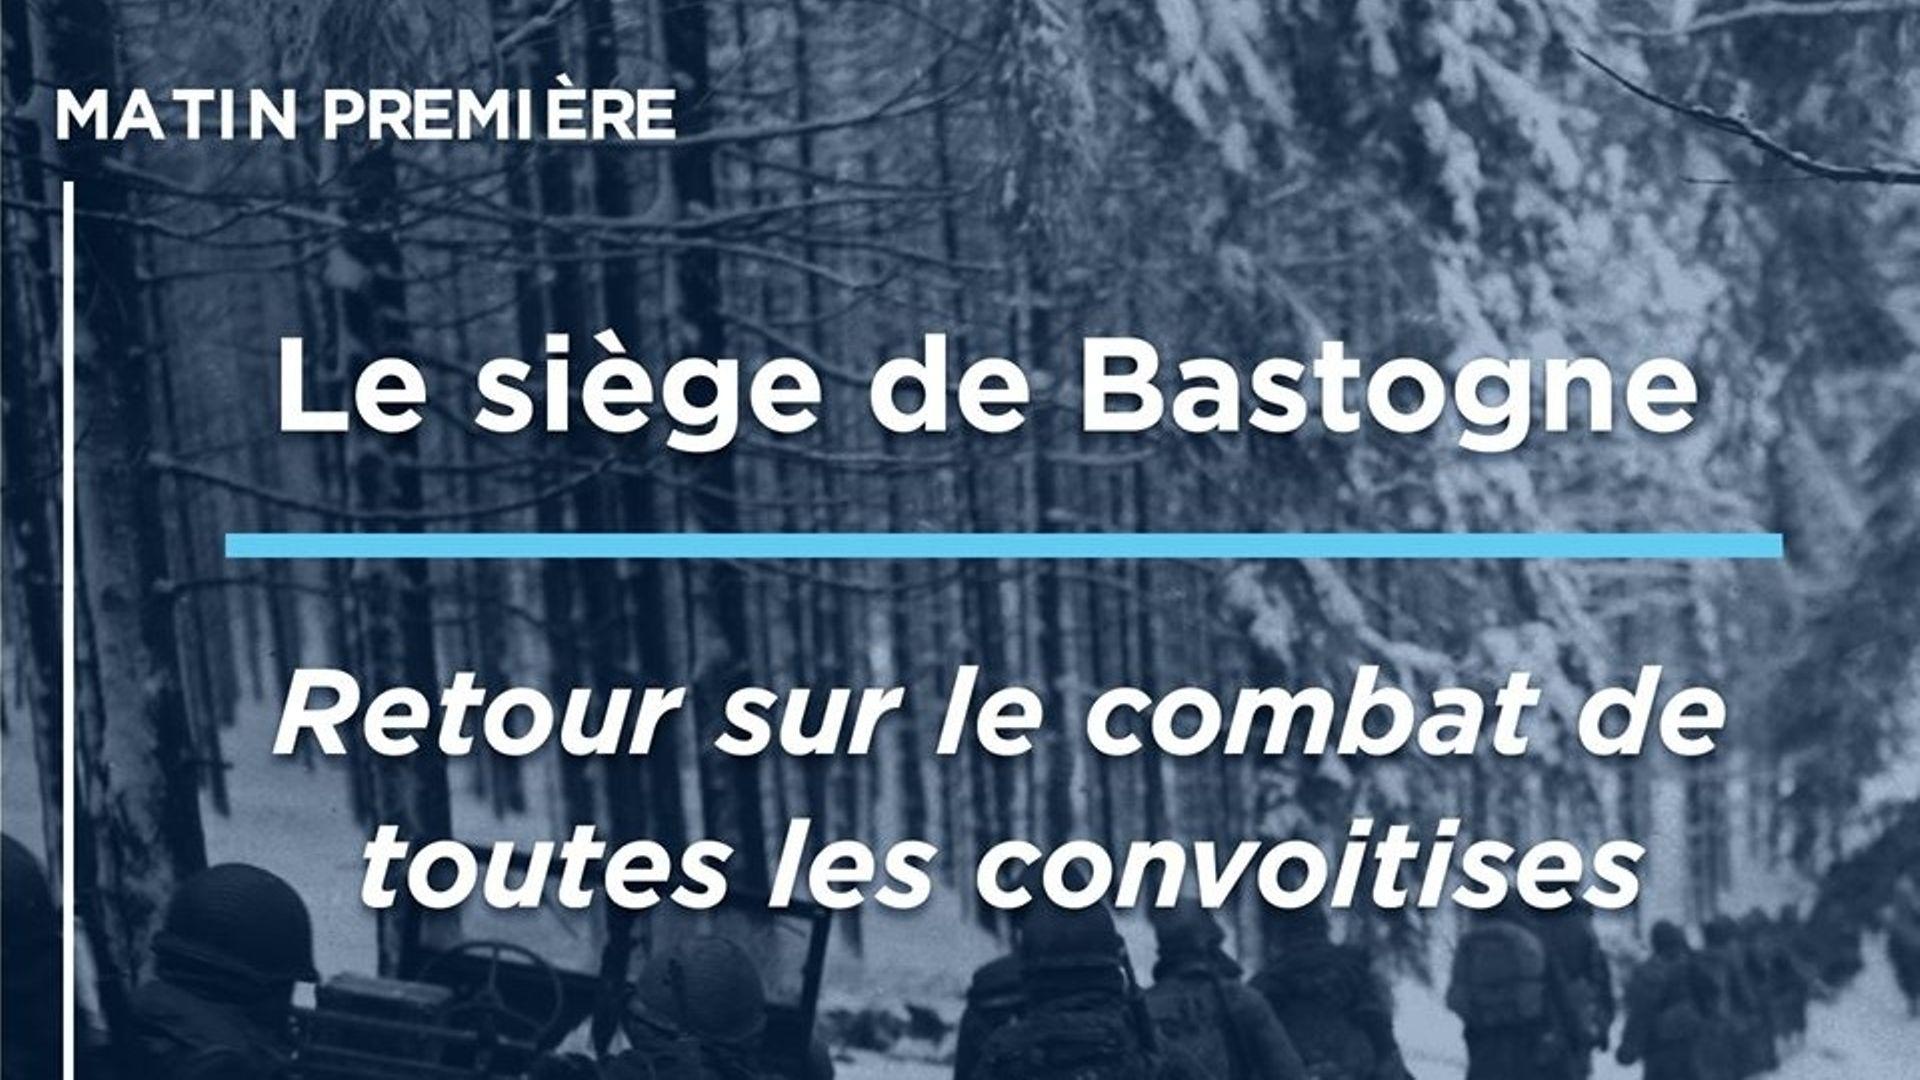 CLOSE GRATUIT TÉLÉCHARGER LA ARDENNES COMBAT BATAILLE DES 4